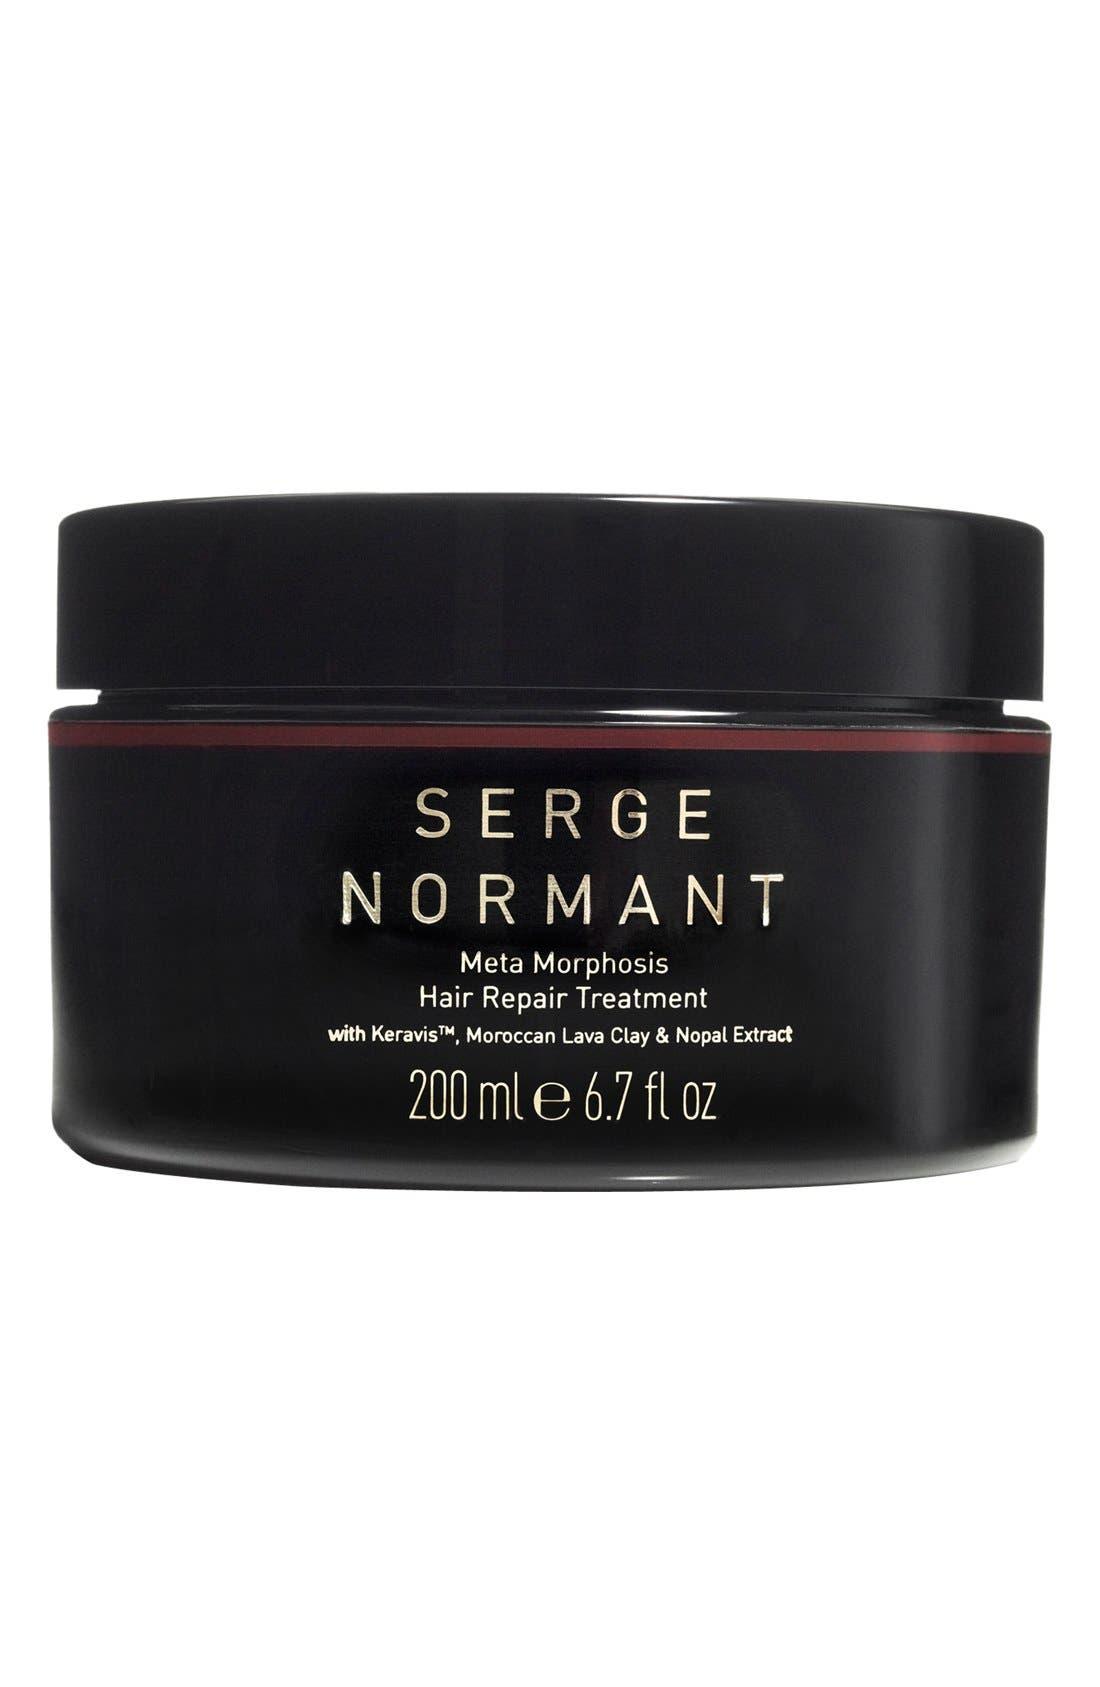 Serge Normant 'Meta Morphosis' Hair Repair Treatment